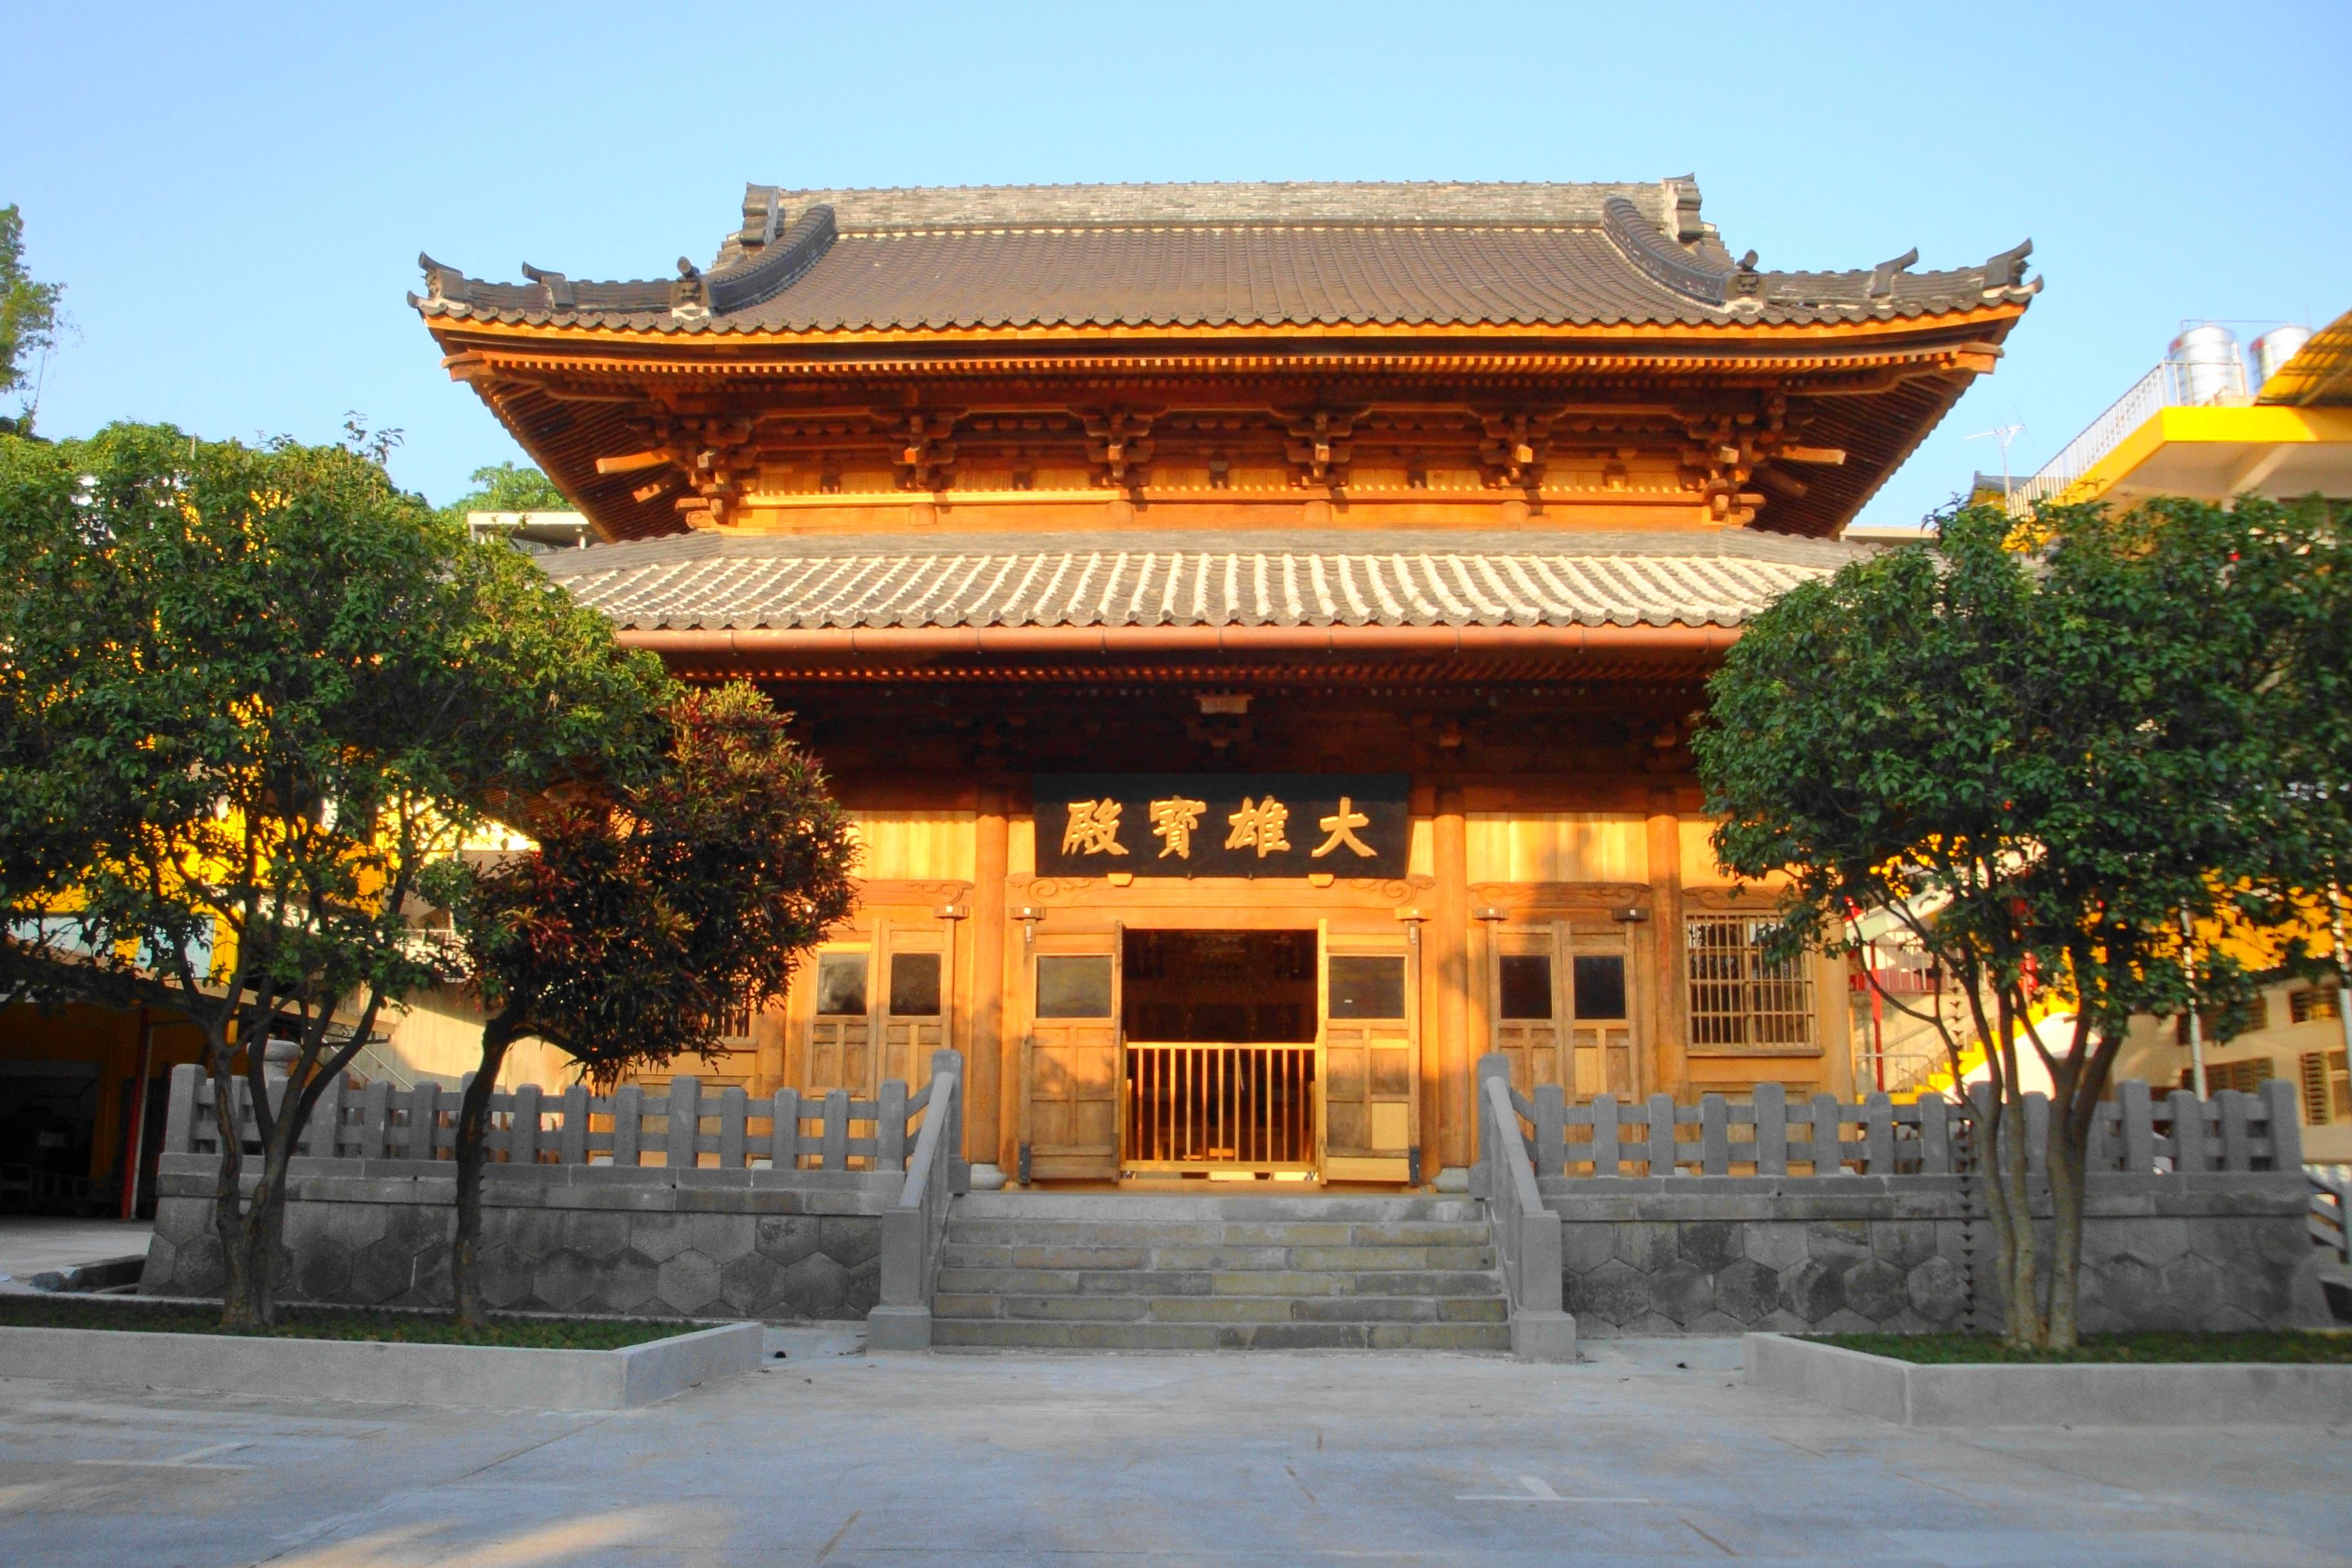 臨濟護國禪寺大雄寶殿